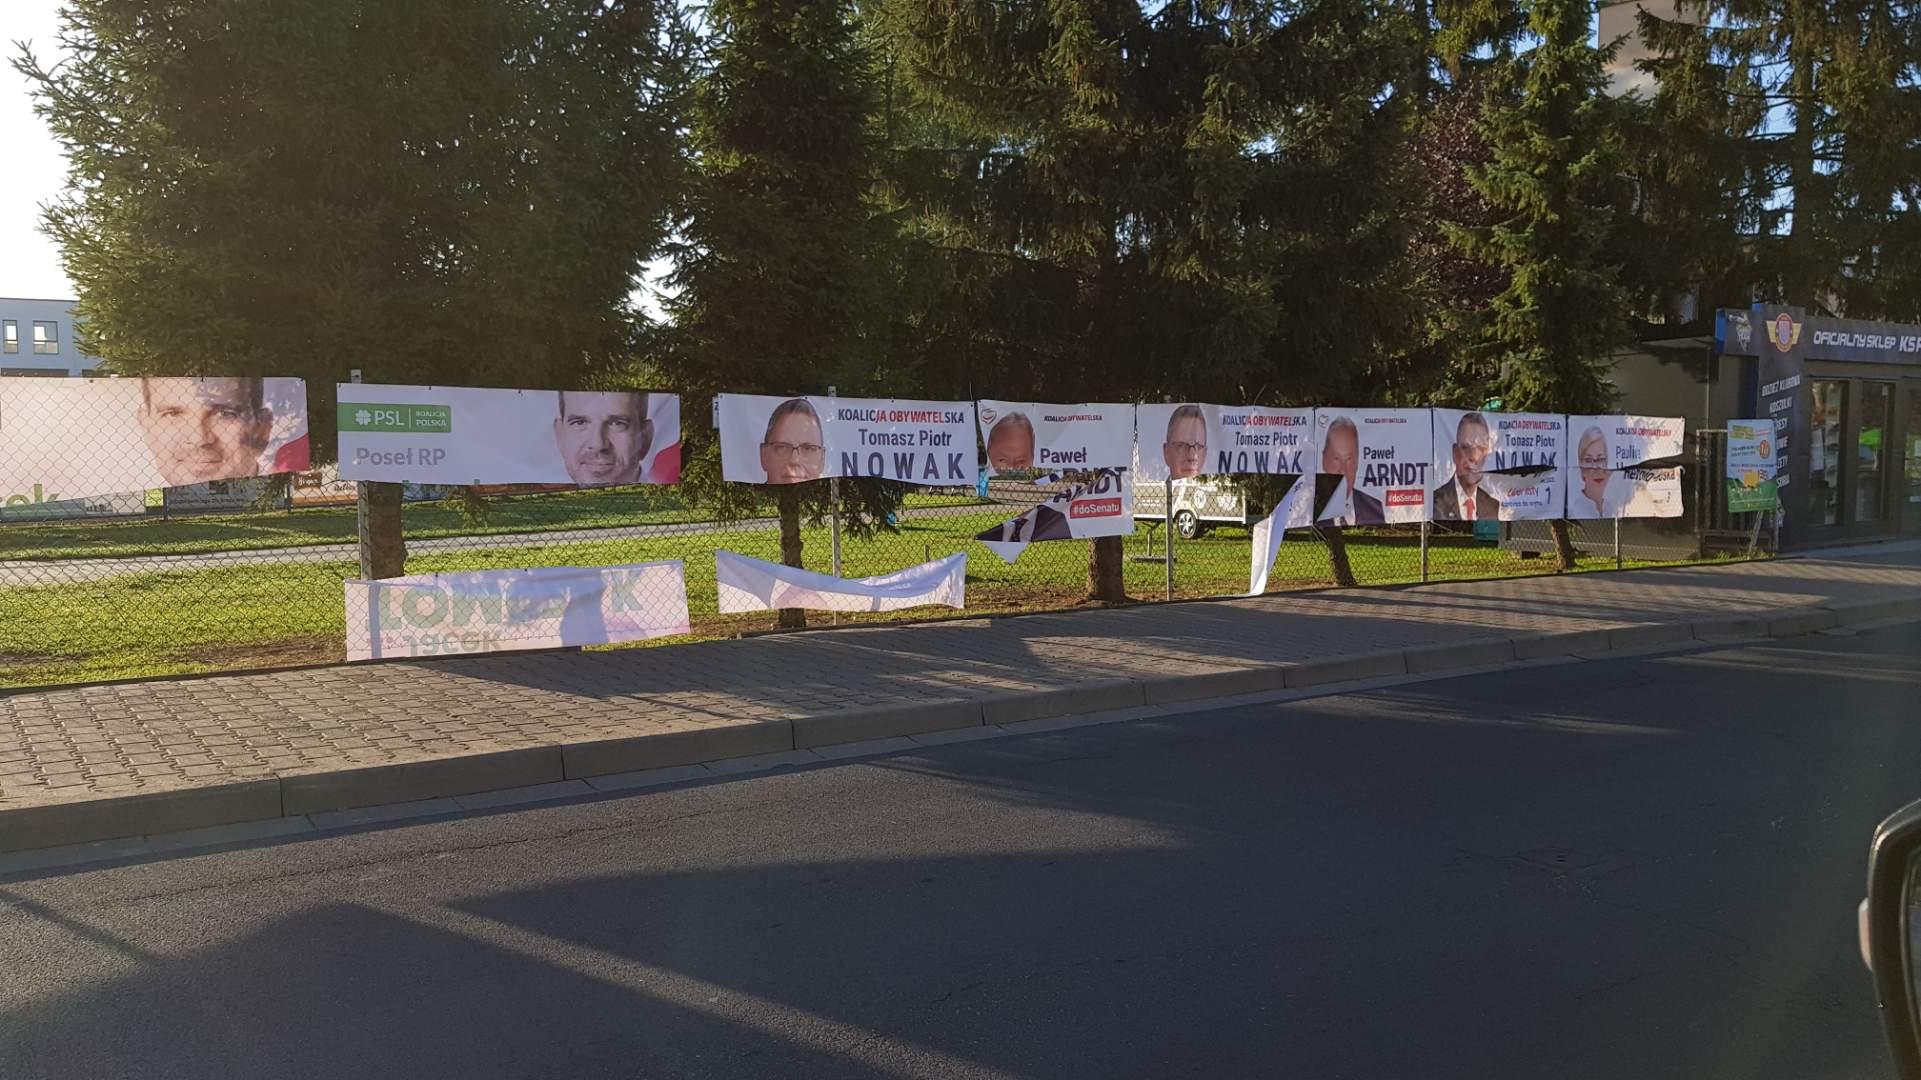 zniszczone banery wyborcze środa wielkopolska - Joanna Majcher